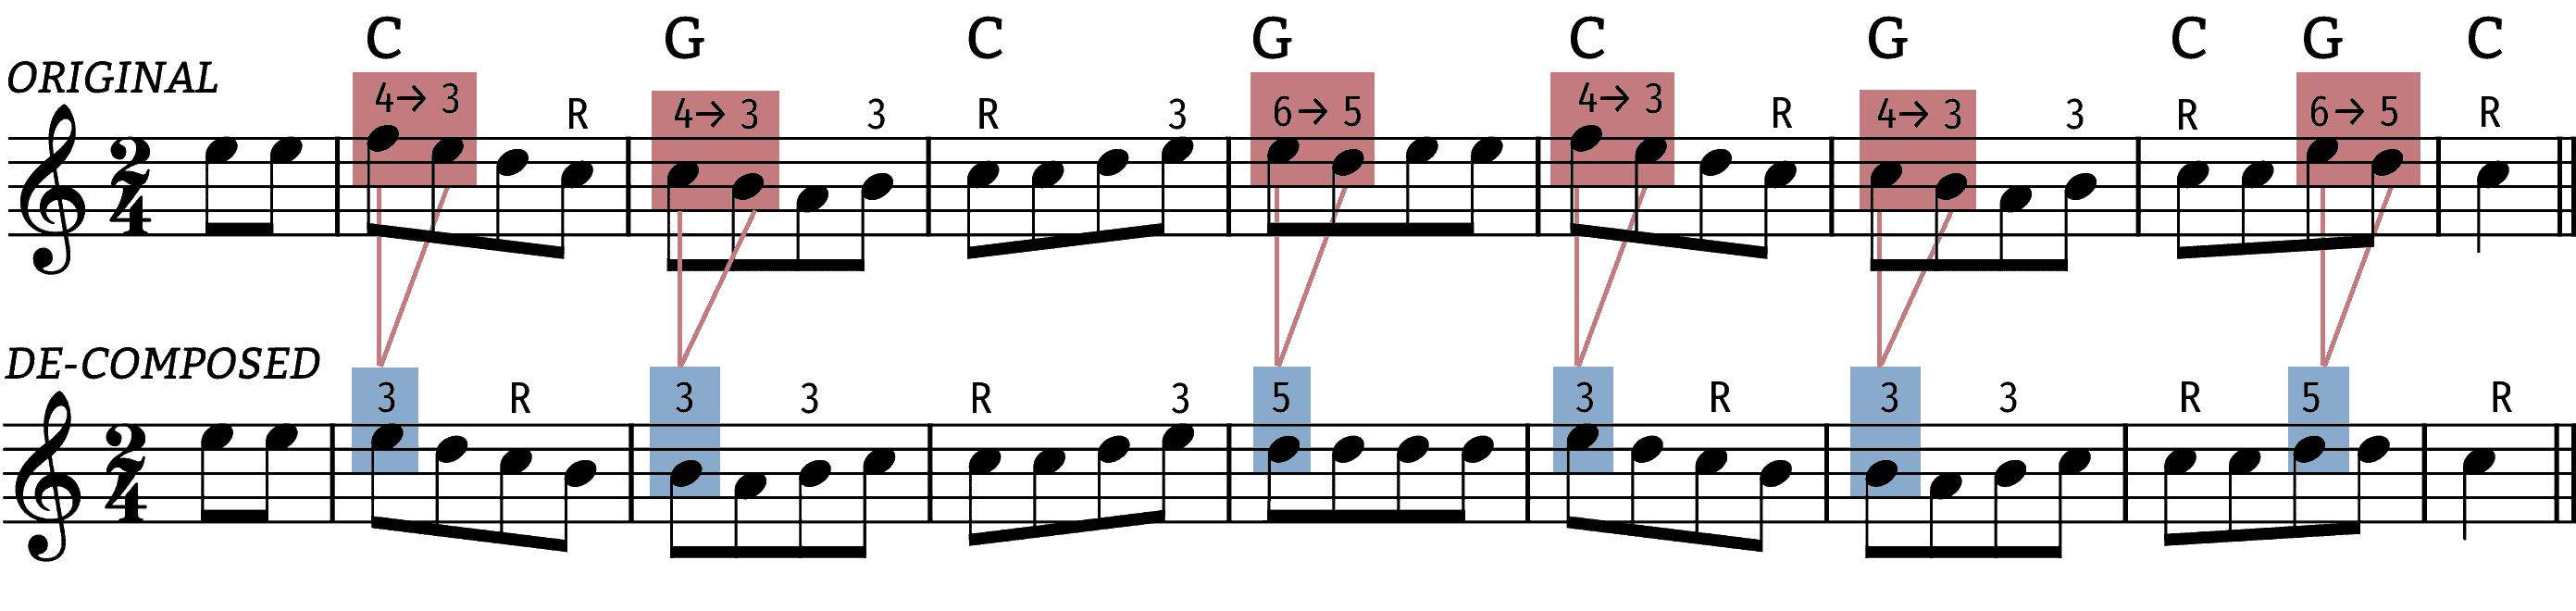 Chorale Fantasy with the appoggiaturas removed